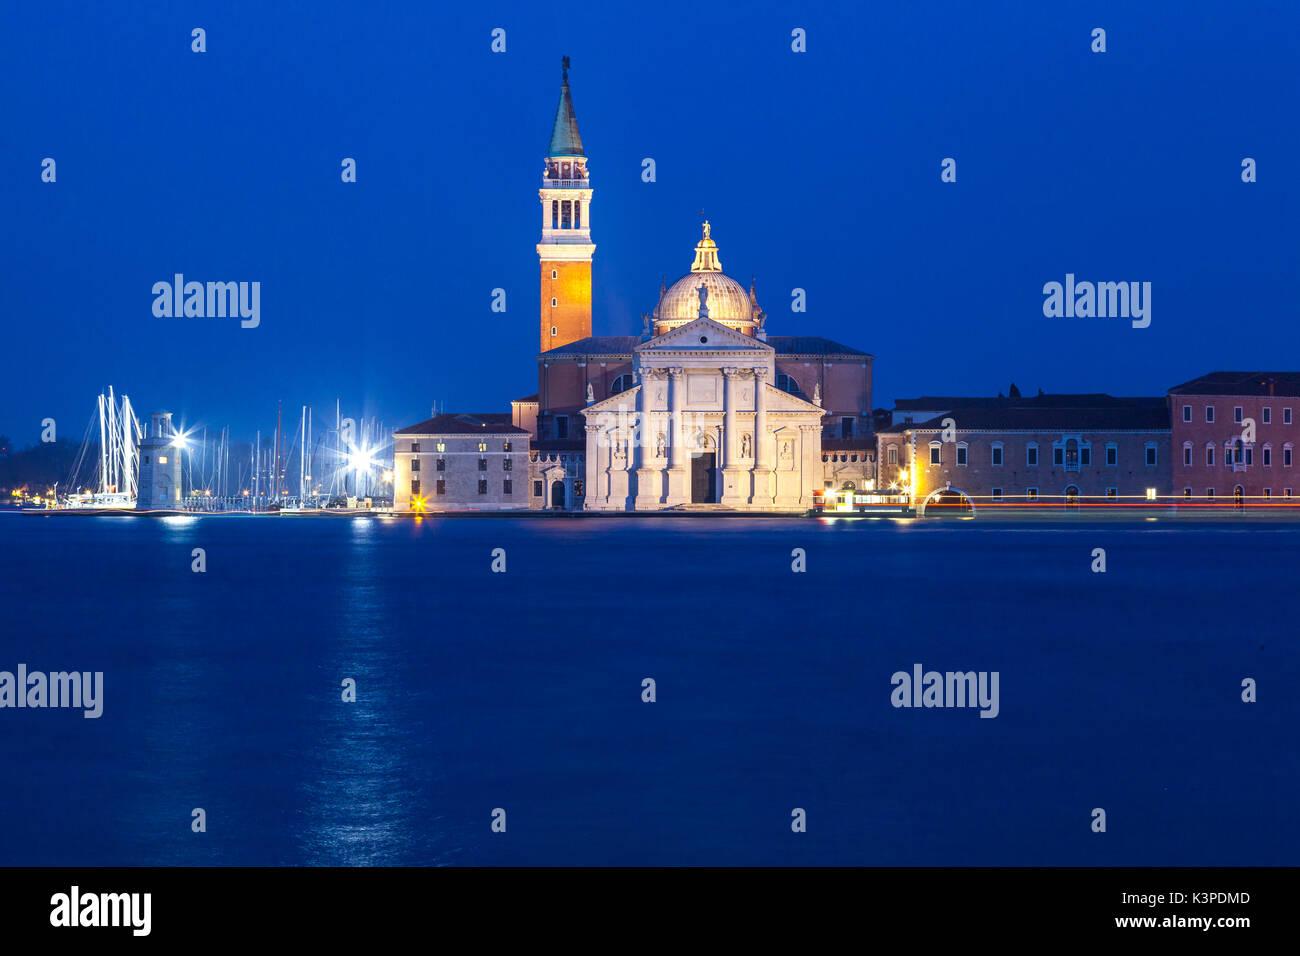 Venecia, Véneto, Italia, vista de la isla de San Giorgio Maggiore en blue hour con la iglesia y monasterio benedictino iluminado y estelas de luz desde un Foto de stock